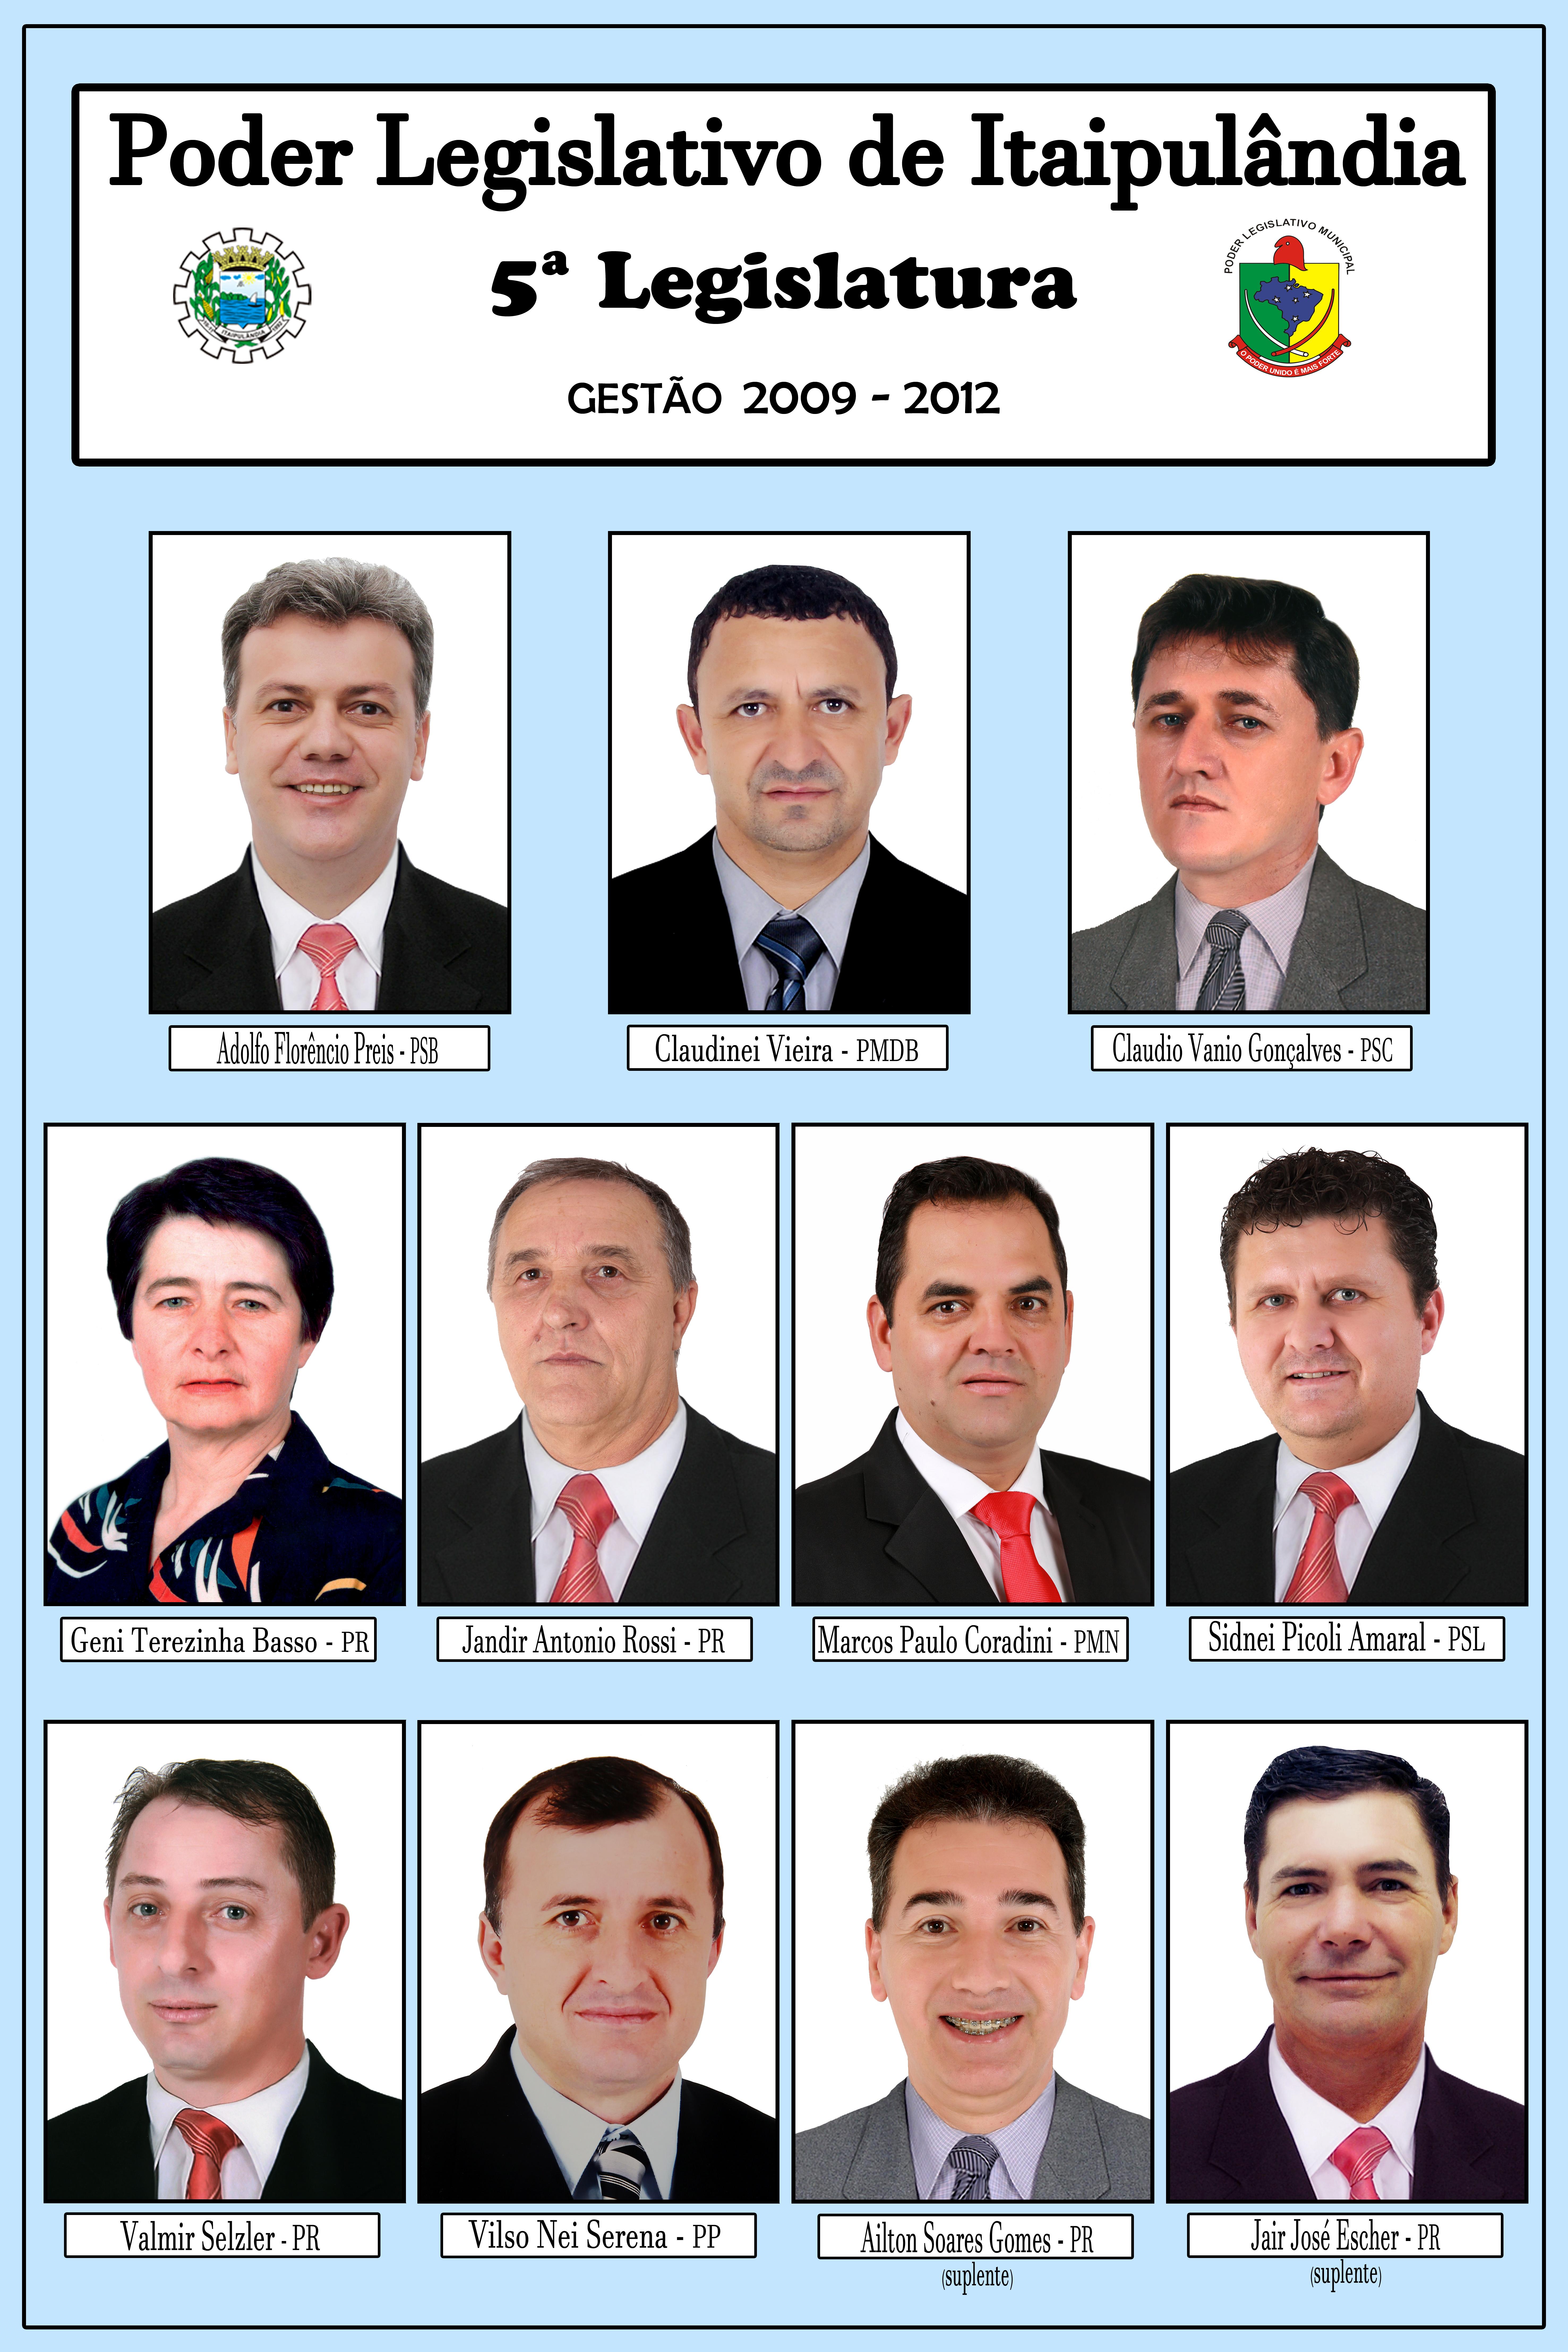 Lotário Oto Knob (1 de janeiro de 2009 à 23  de setembro de 2011)/  Cláudio Vânio Gonçalves (23 de setembro 2011 a 04 de novembro de 2011) /Sidnei Picoli Amaral (04 de Novembro a 31 de dezembro de 2012)